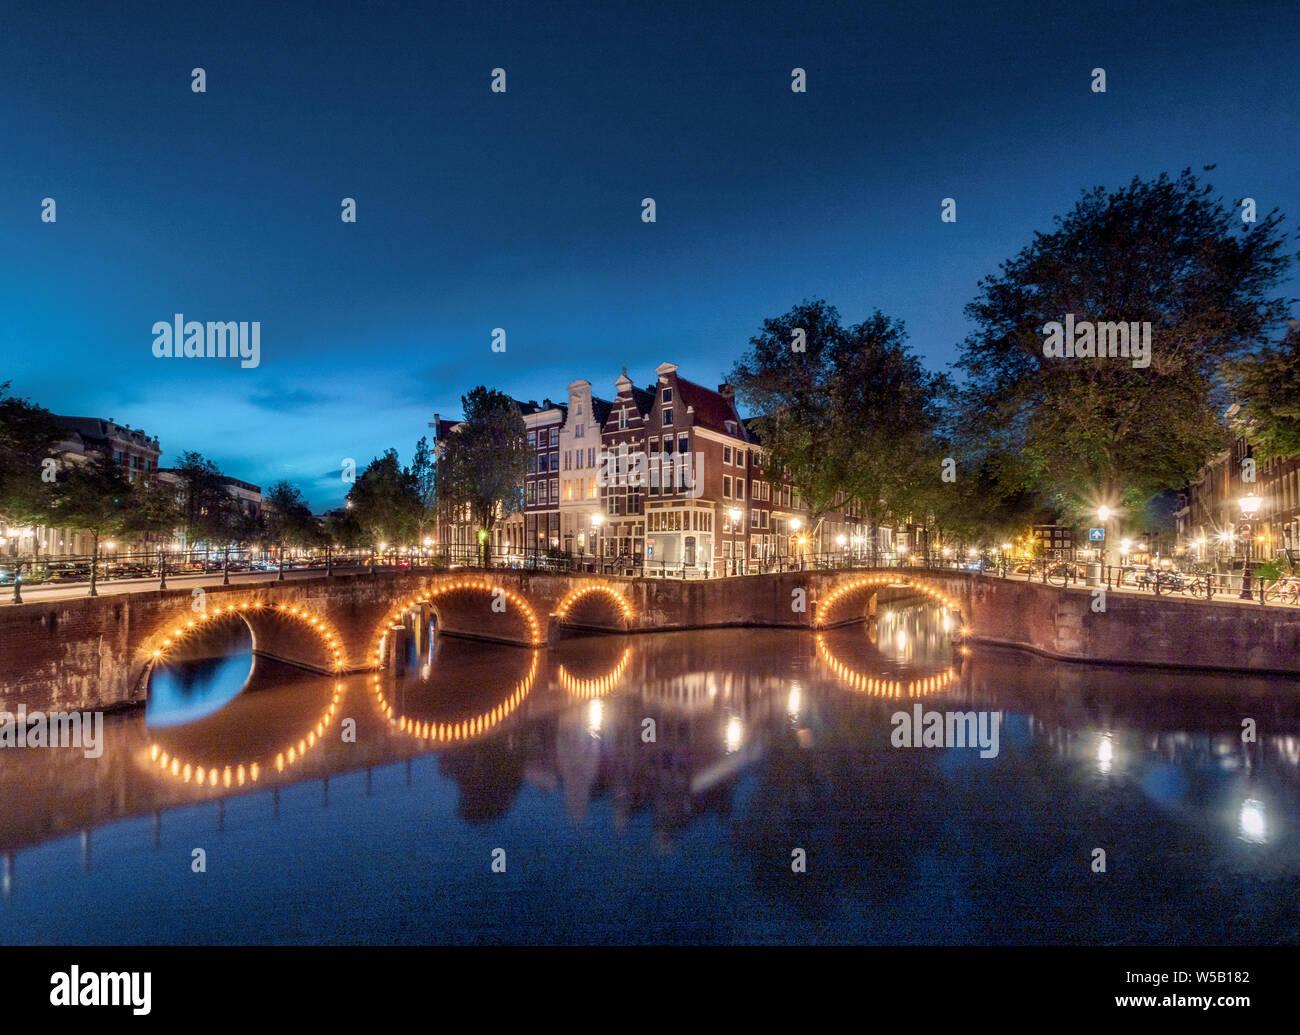 Abendstimmung, Kanal mit Brücke, Keizersgracht und Leidsegracht, Gracht mit historischen Häusern, Amsterdam, Nordholland, Niederlande Stock Photo